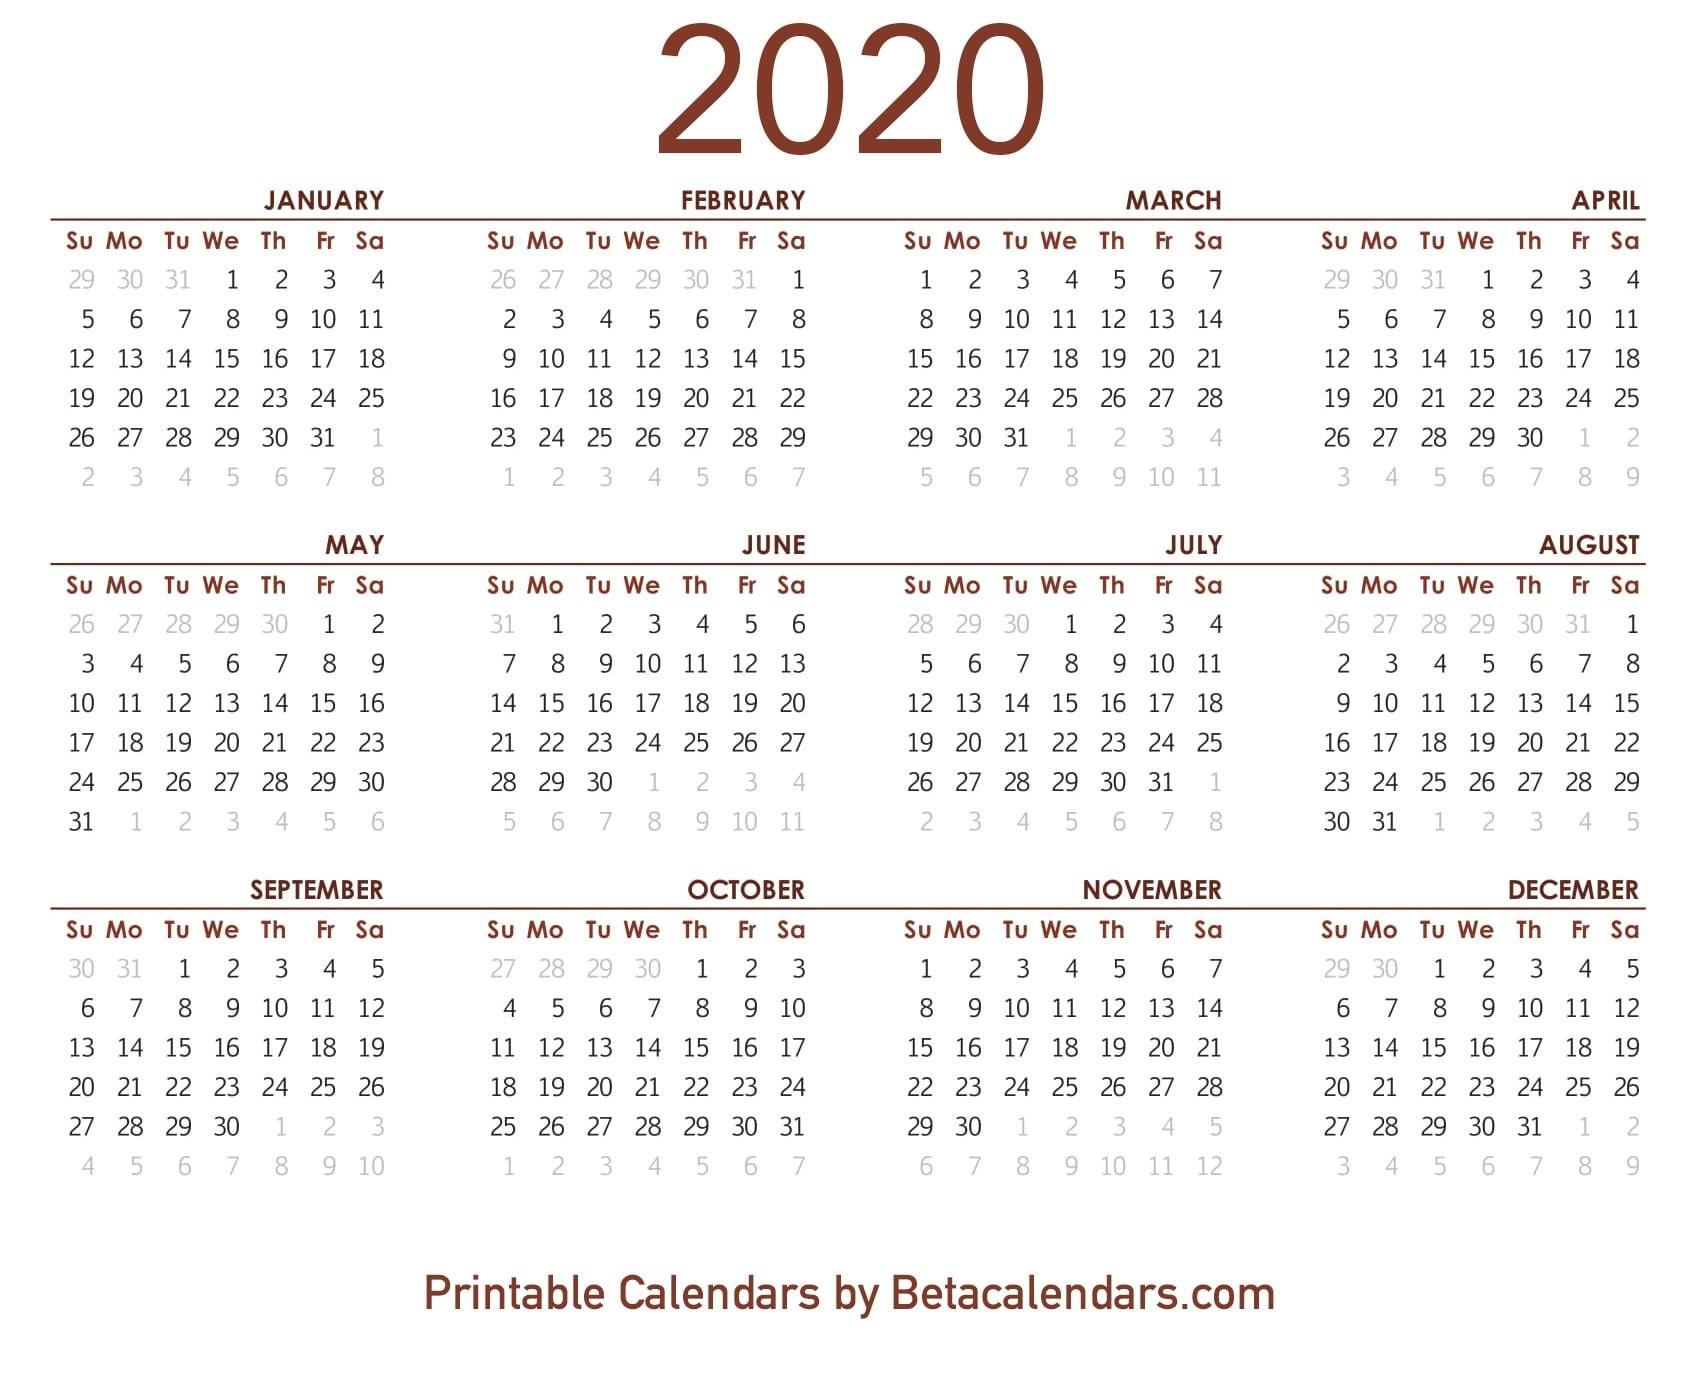 2020 Calendar - Beta Calendars  Where I Print A Full Page Monthly Calendar For 2020